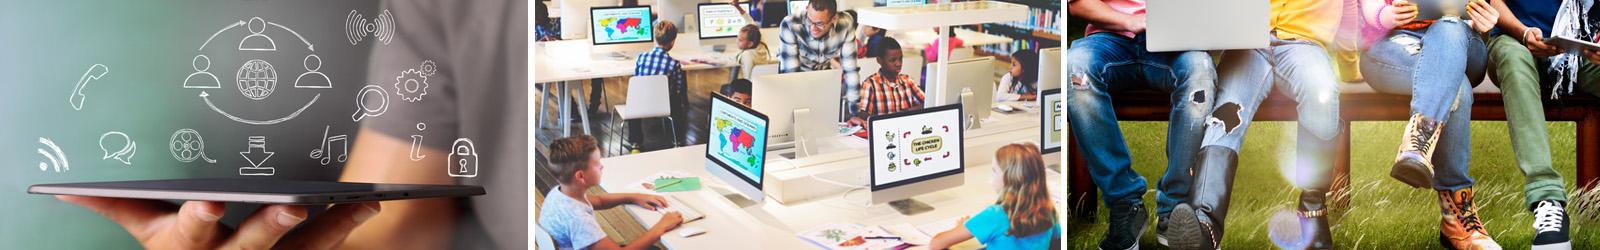 ragazzi e tecnologie digitali a scuola e all'esterno